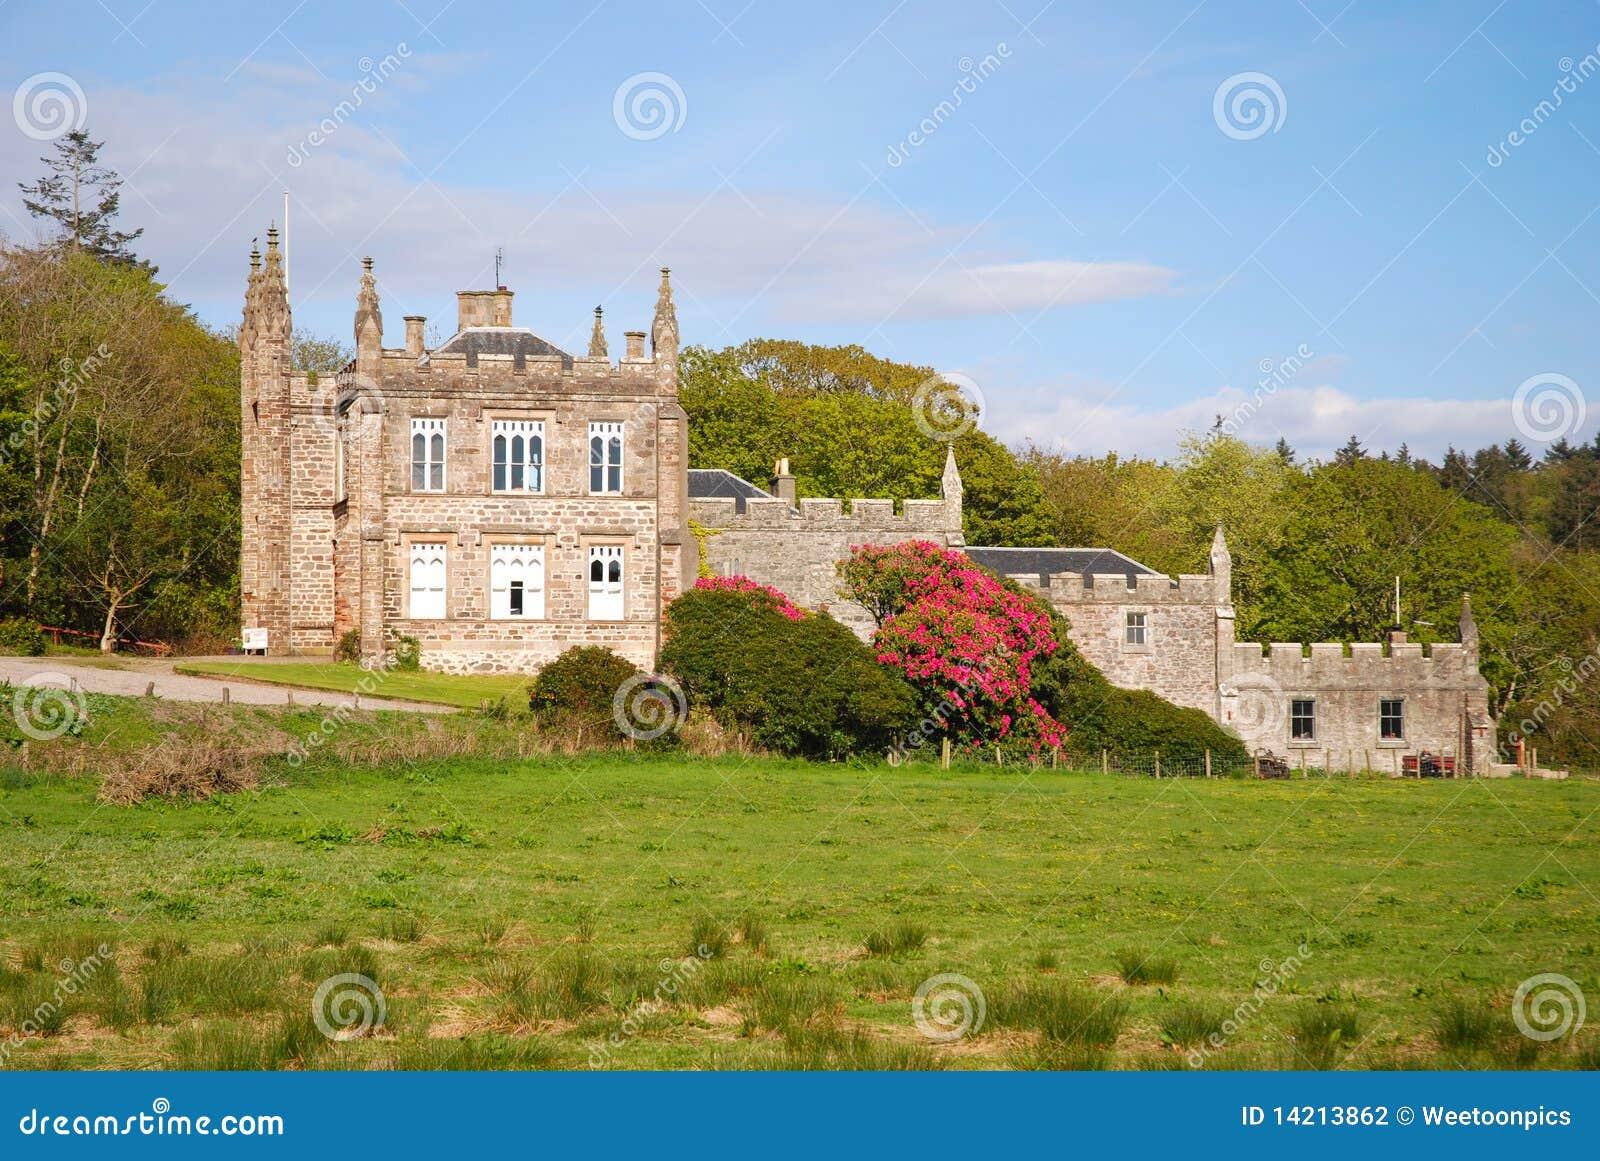 Glenbarr Abbey.